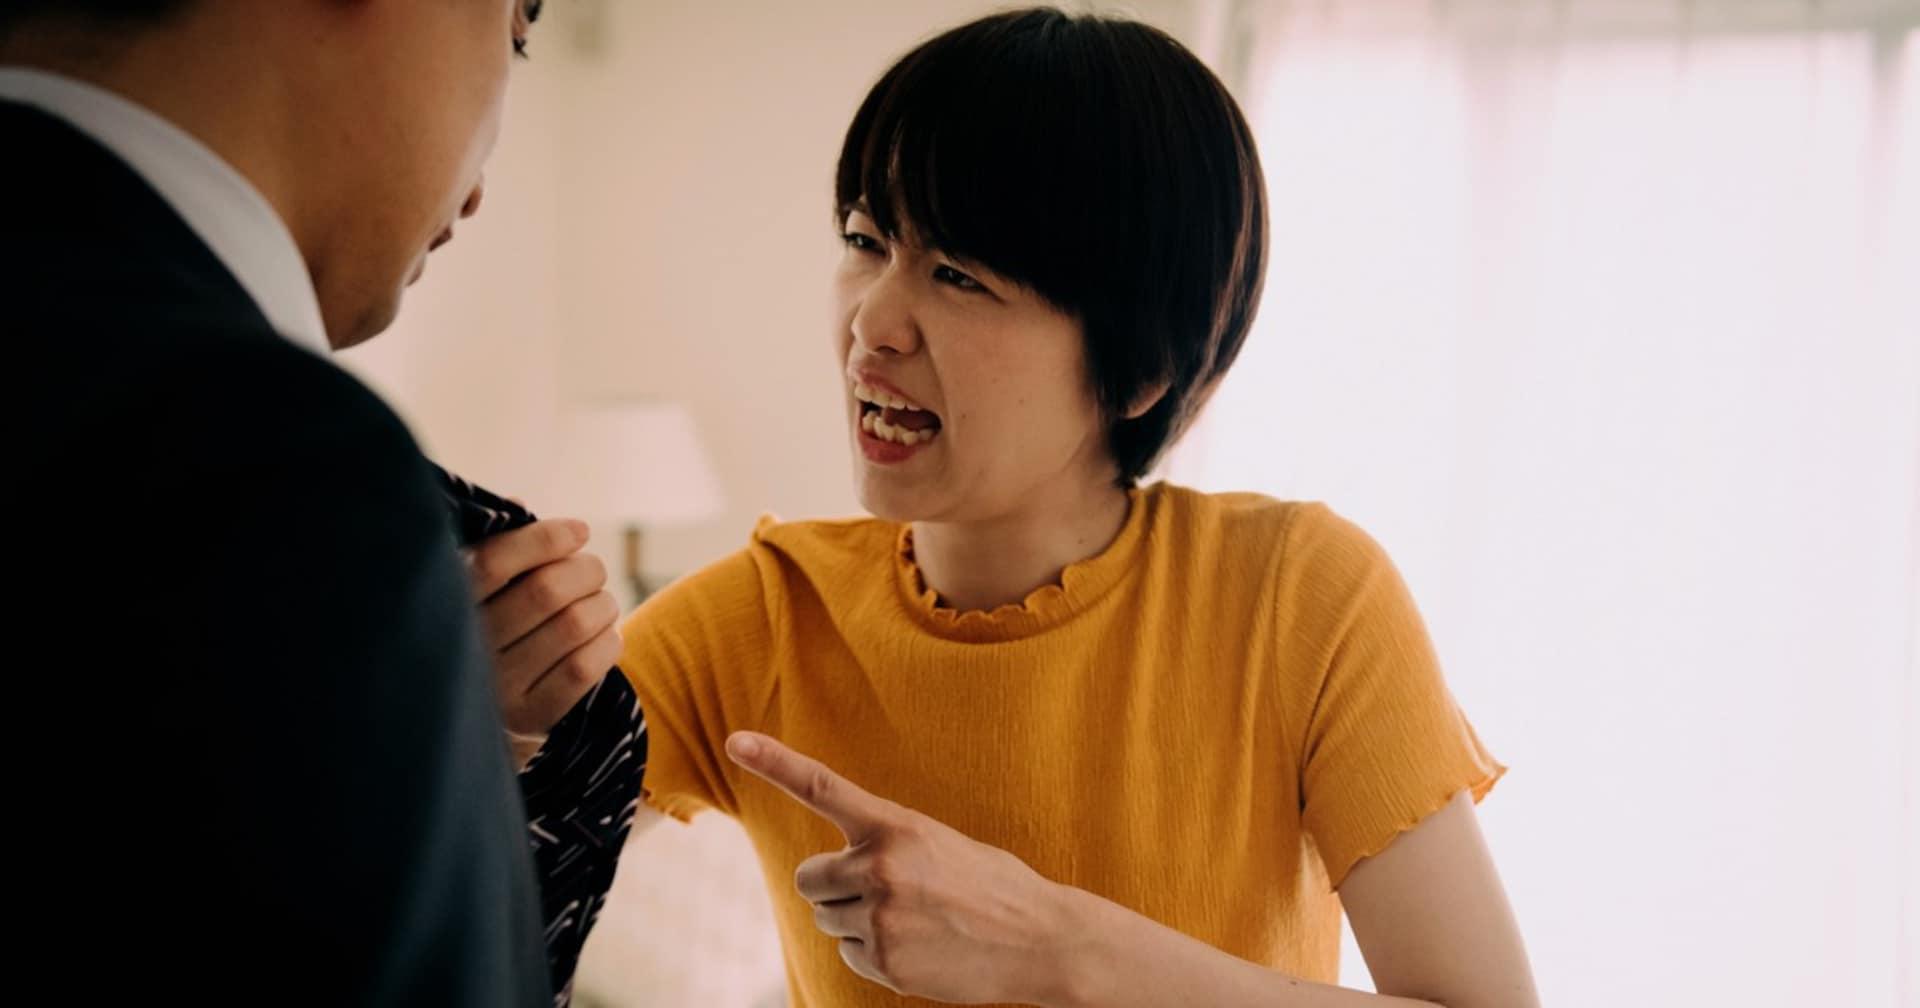 夫を過剰に攻撃する「不機嫌すぎる妻」──夫婦関係を険悪にした驚きの病とは?